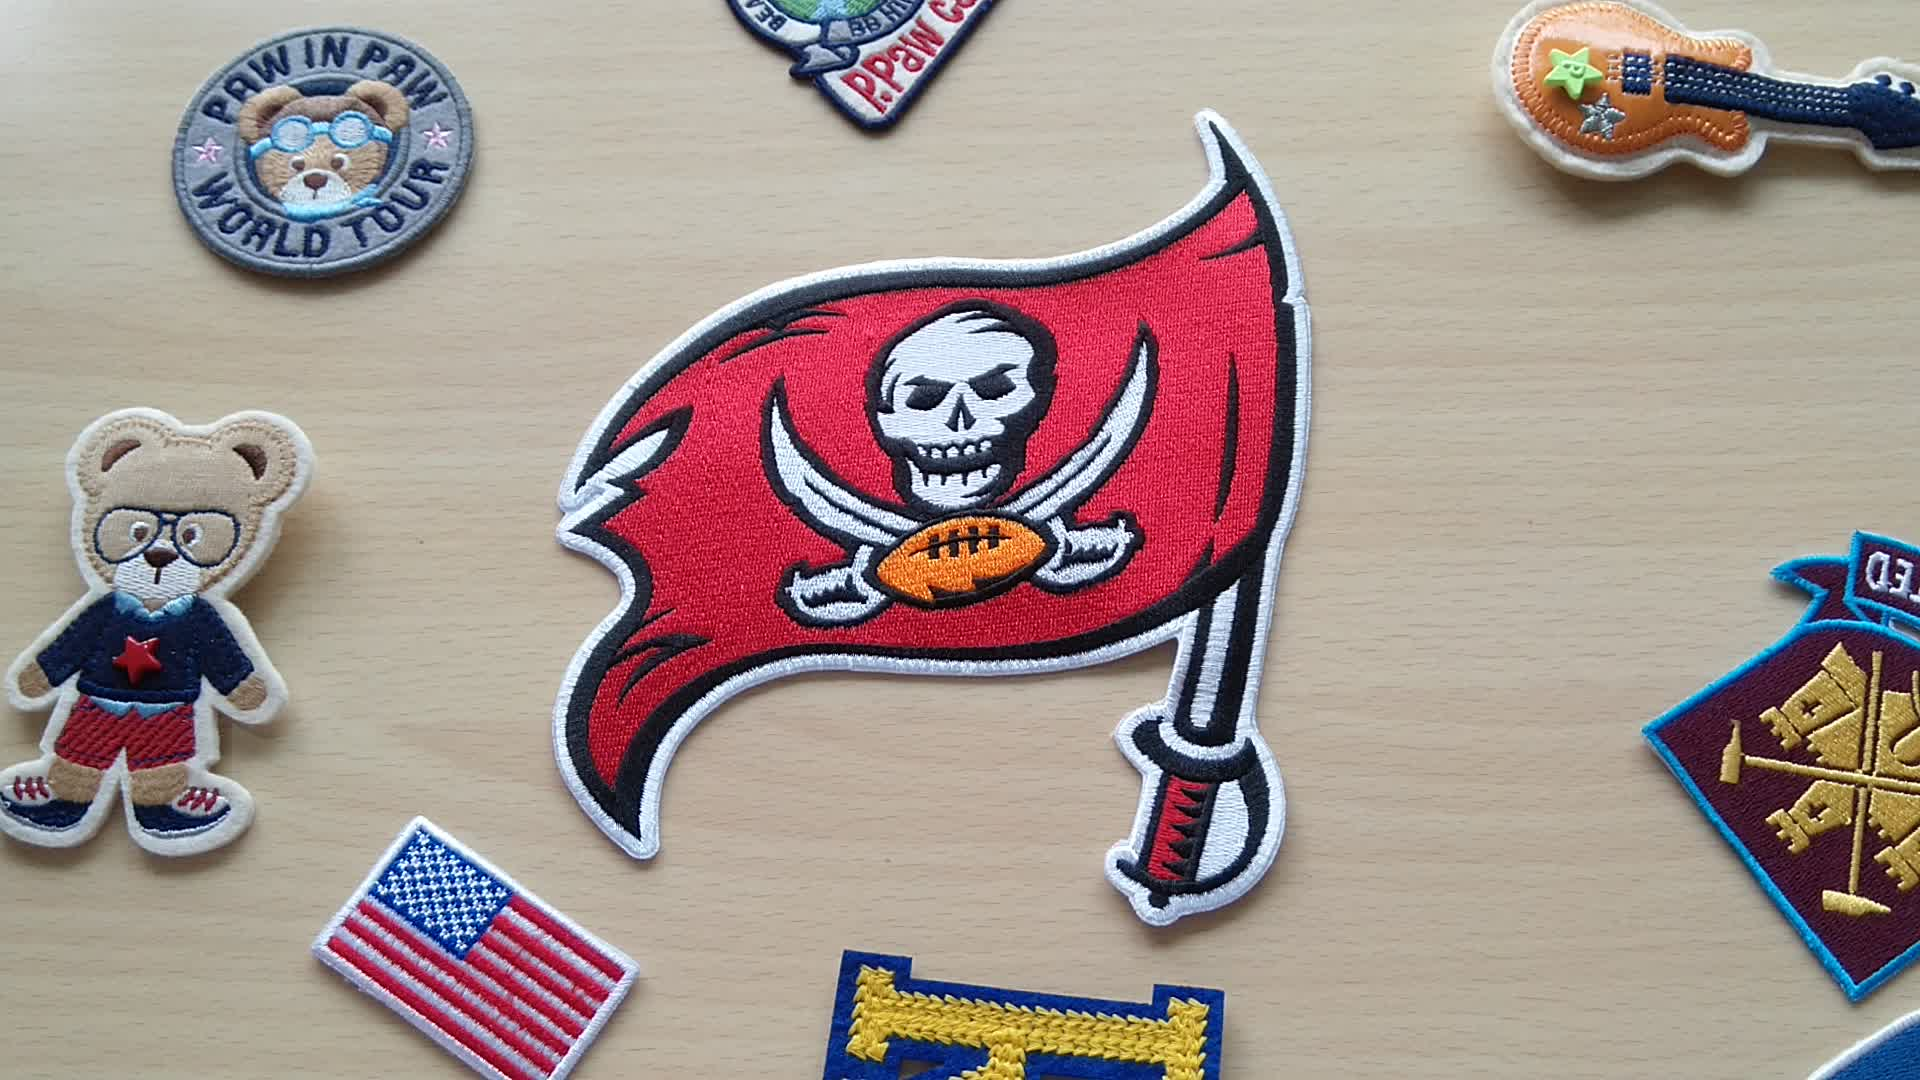 맞춤형 철 패치 로고 무료 샘플 수 놓은 NFL 팀 배지 컴퓨터 자수 해적 패치 학교 가방